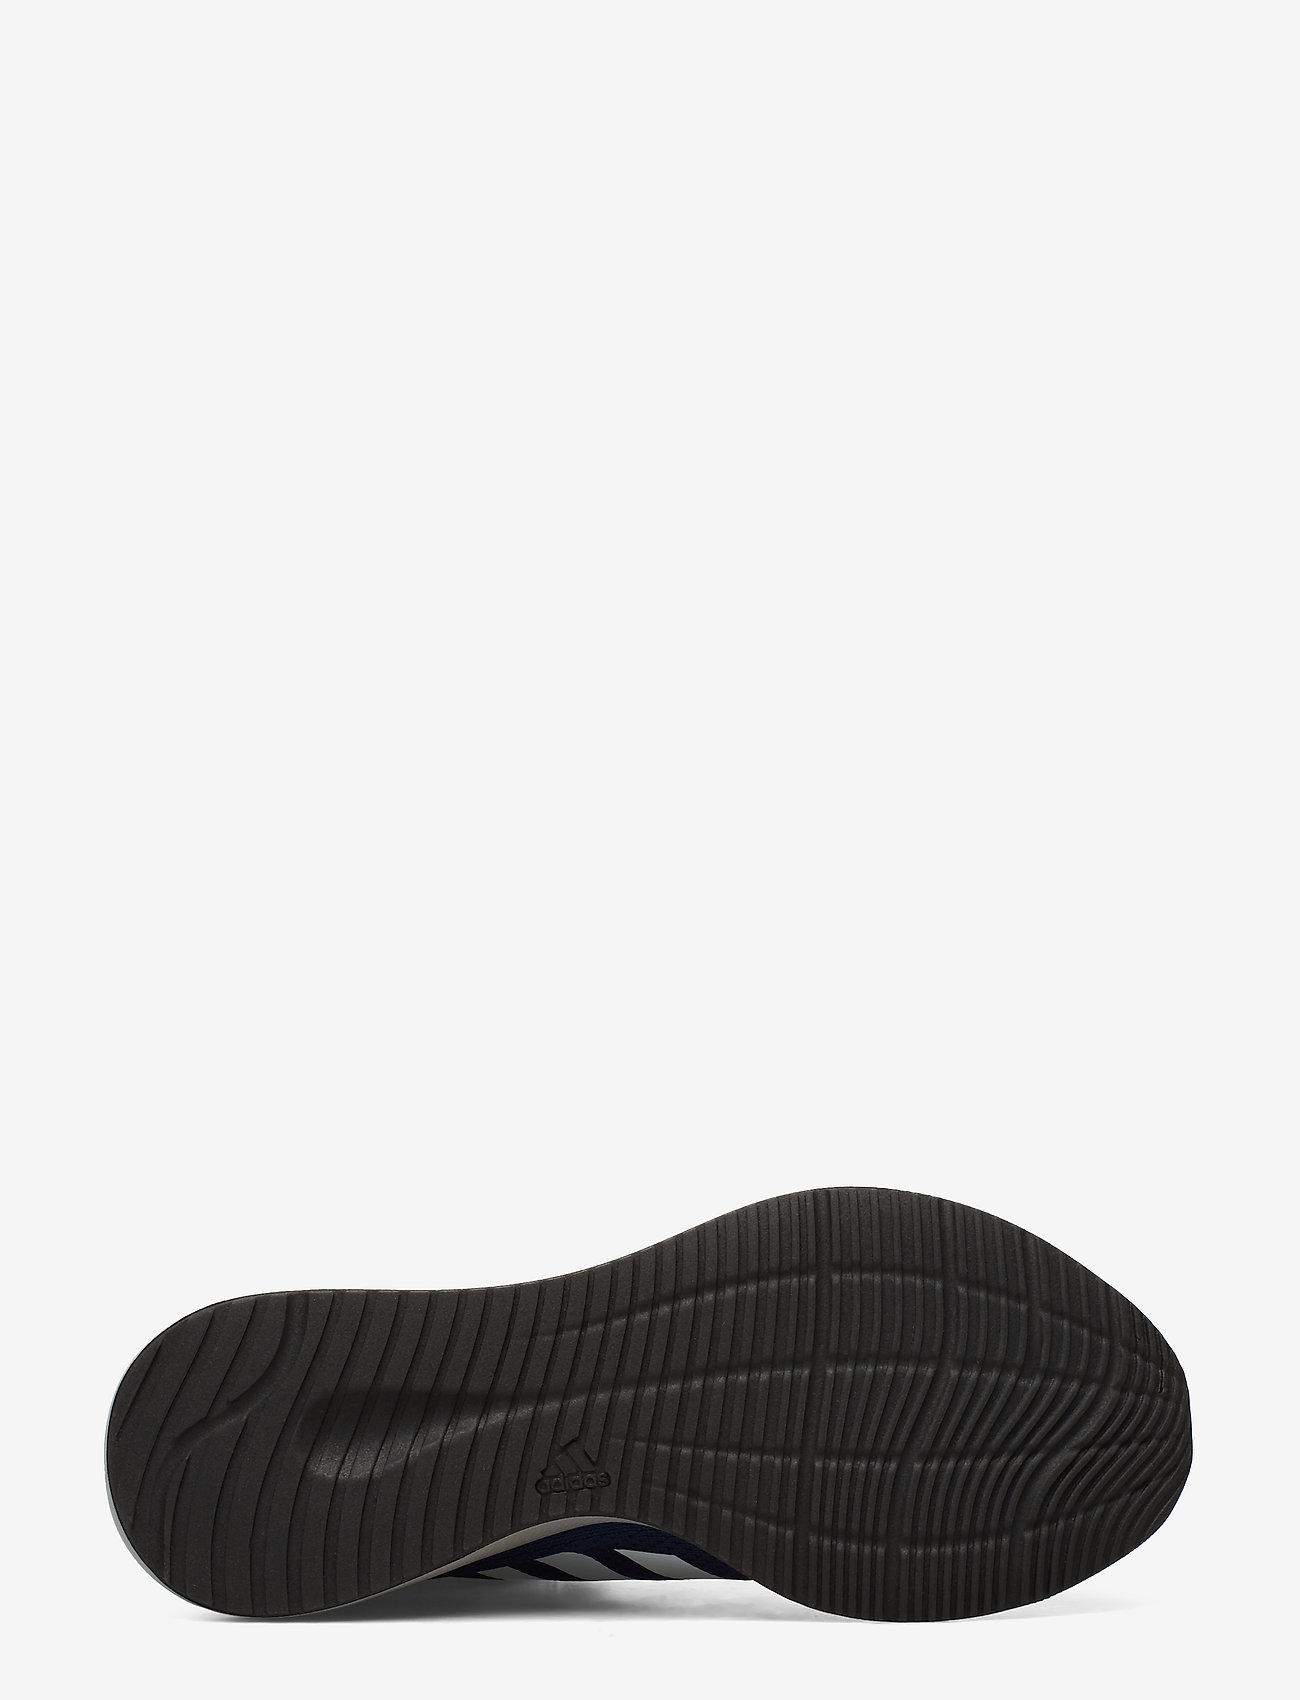 Edge Flex M (Conavy/ftwwht/grethr) - adidas Performance 2S02mg